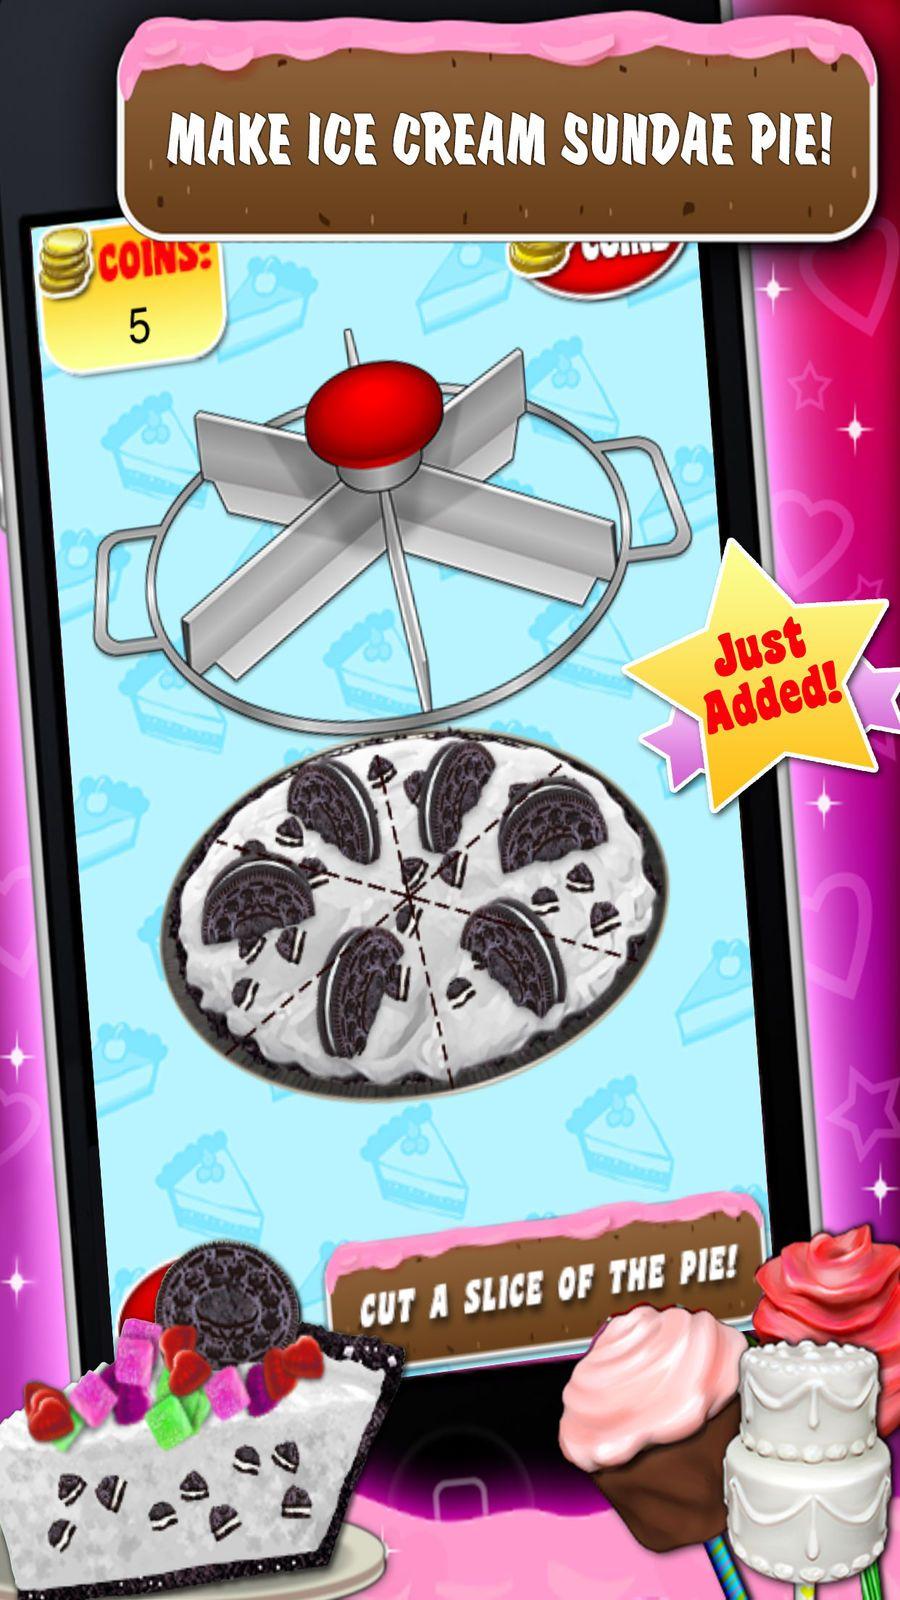 Sweet Dessert Maker Games FamilyInteractiveSimulation